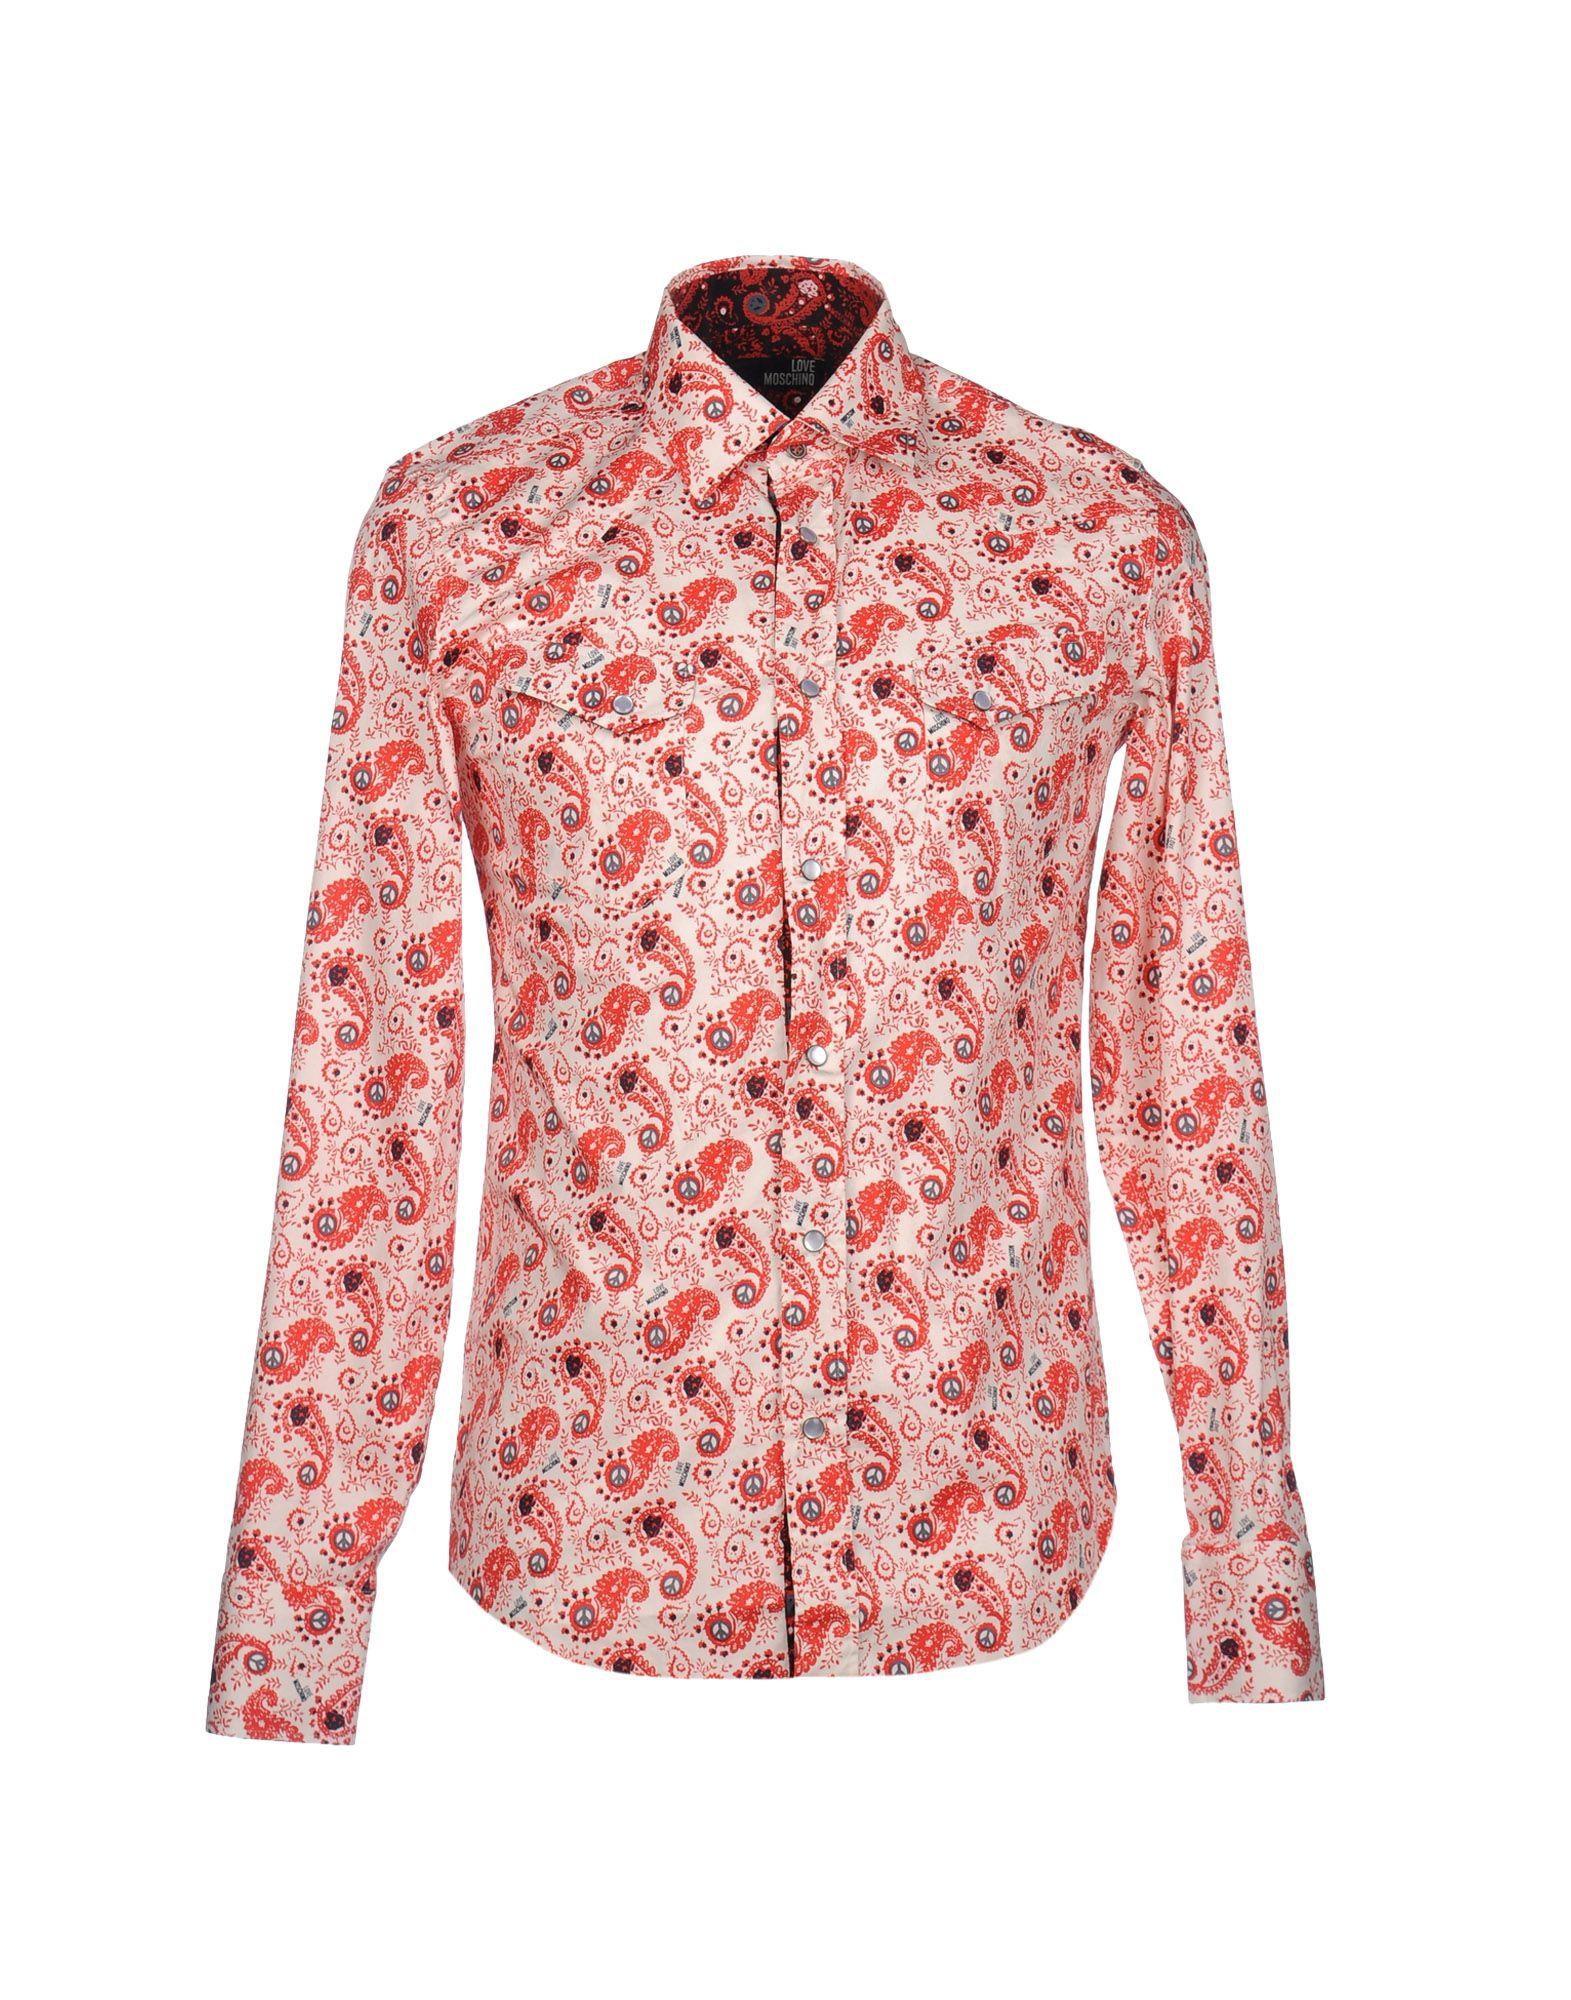 Фото - LOVE MOSCHINO Рубашка с длинными рукавами рубашка однотонная с длинными рукавами